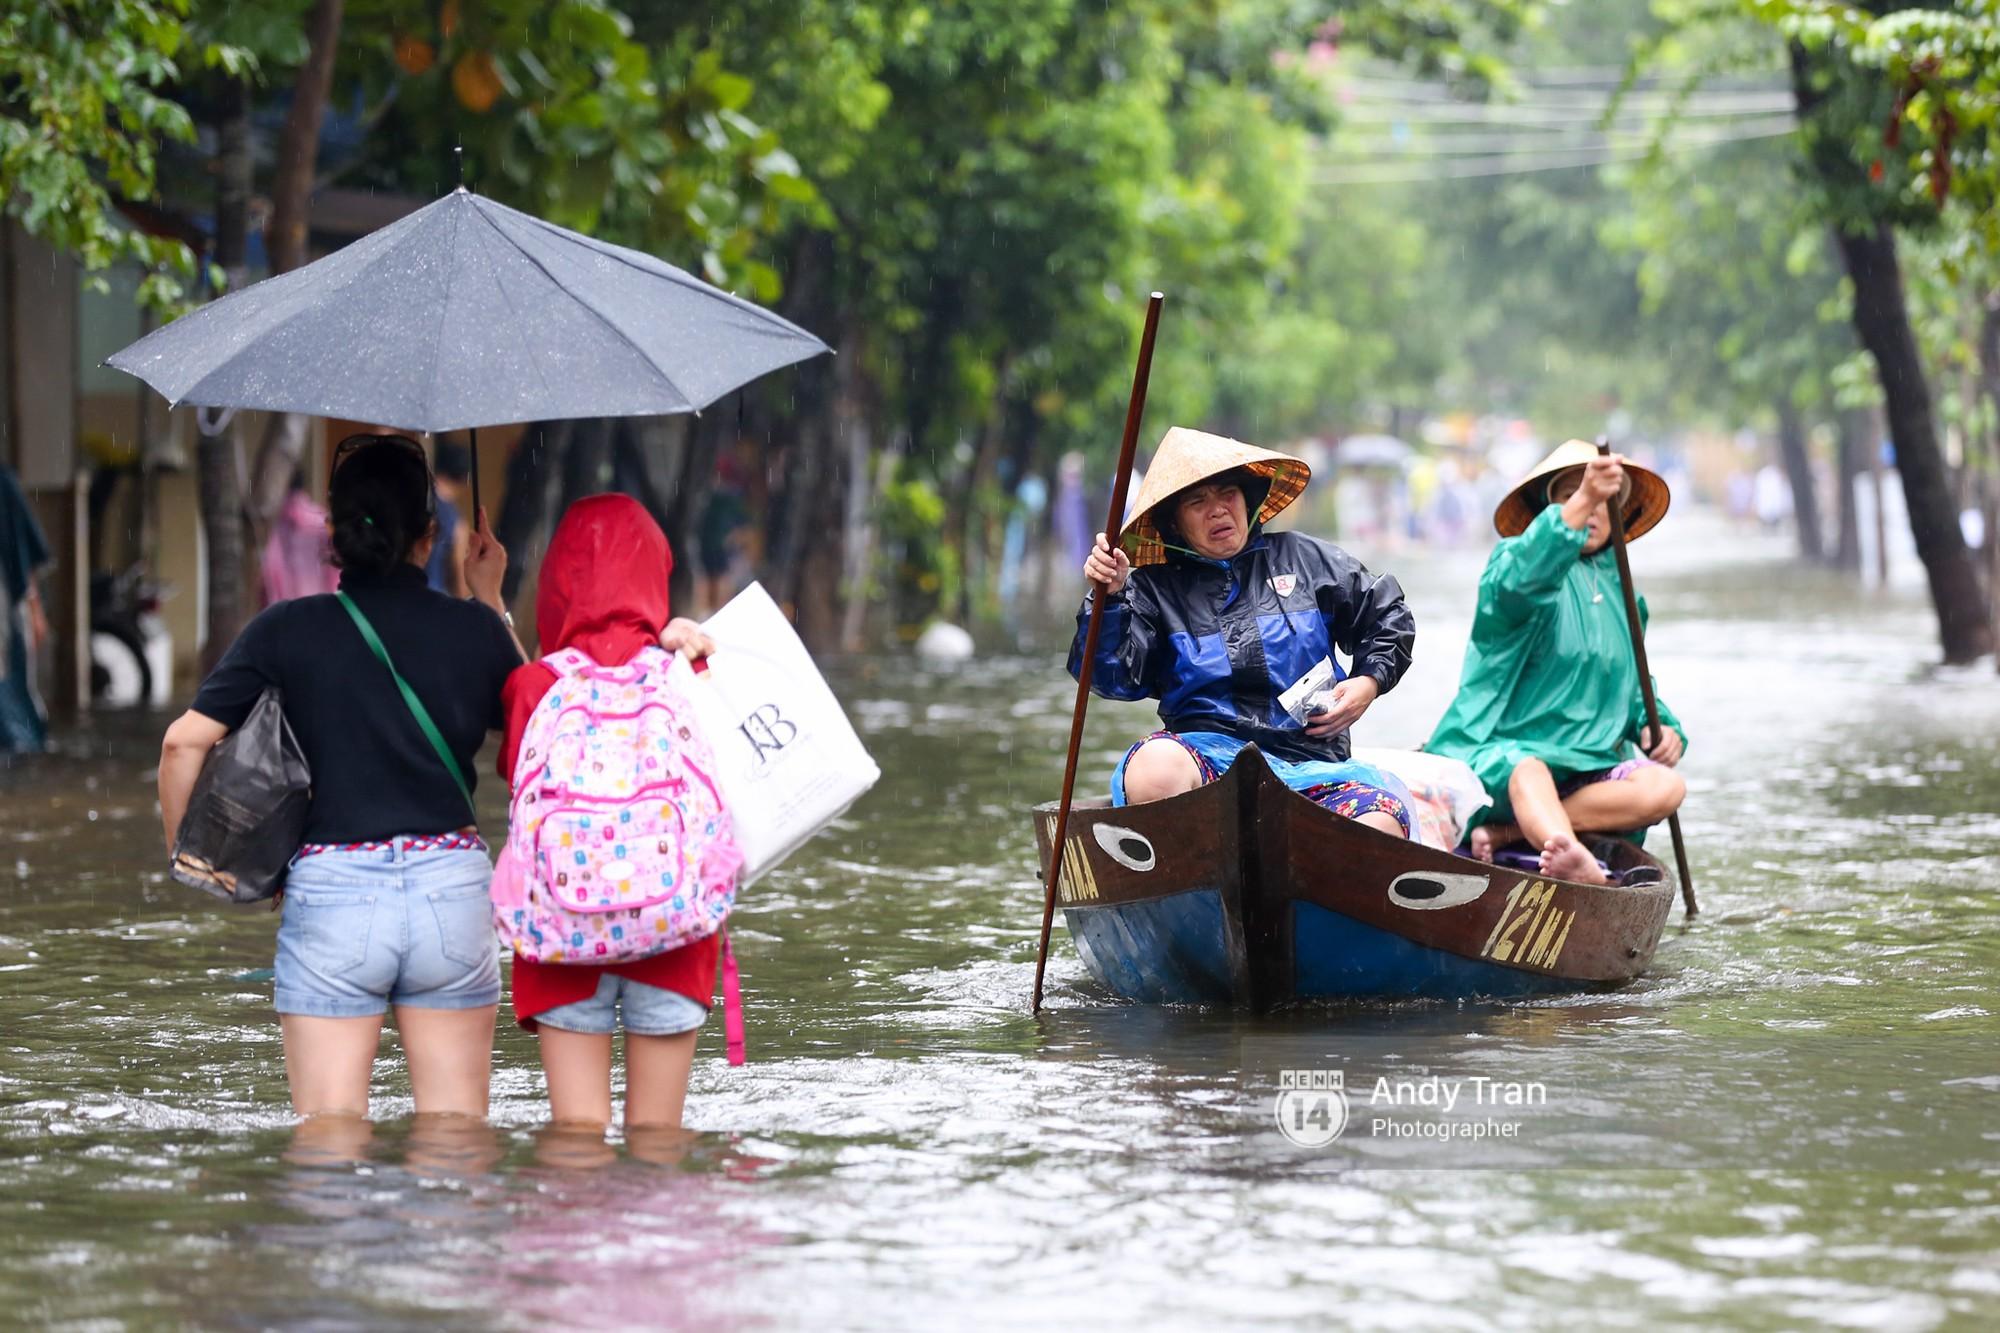 Chùm ảnh: Hội An nước ngập thành sông do ảnh hưởng của bão, người dân và du khách chật vật dùng thuyền bè di chuyển - Ảnh 5.